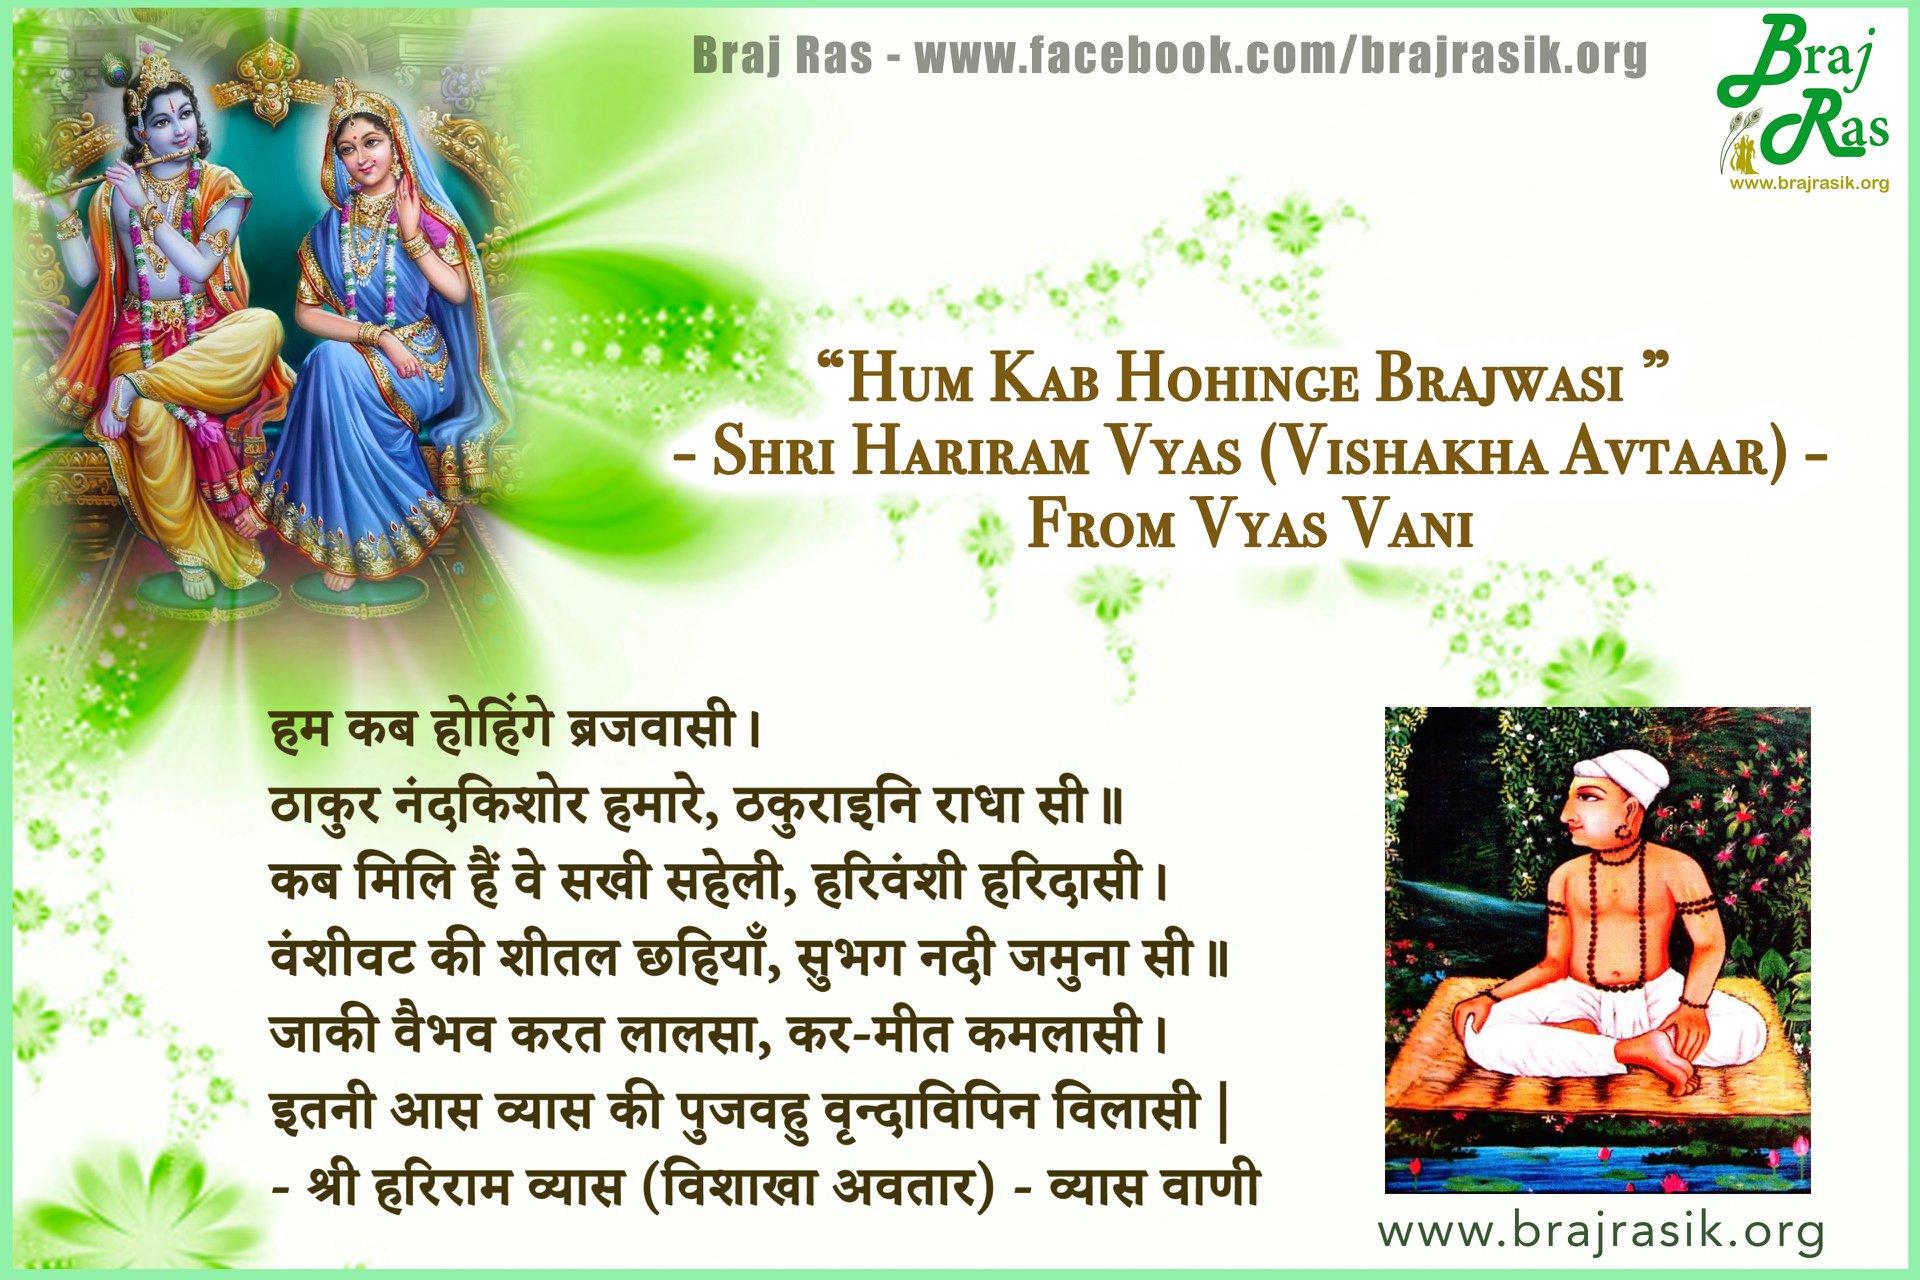 """""""Hum Kab Hohinge Brajwasi """" - Shri Hariram Vyas (Vishakha Avtaar) - From Vyas Vani"""